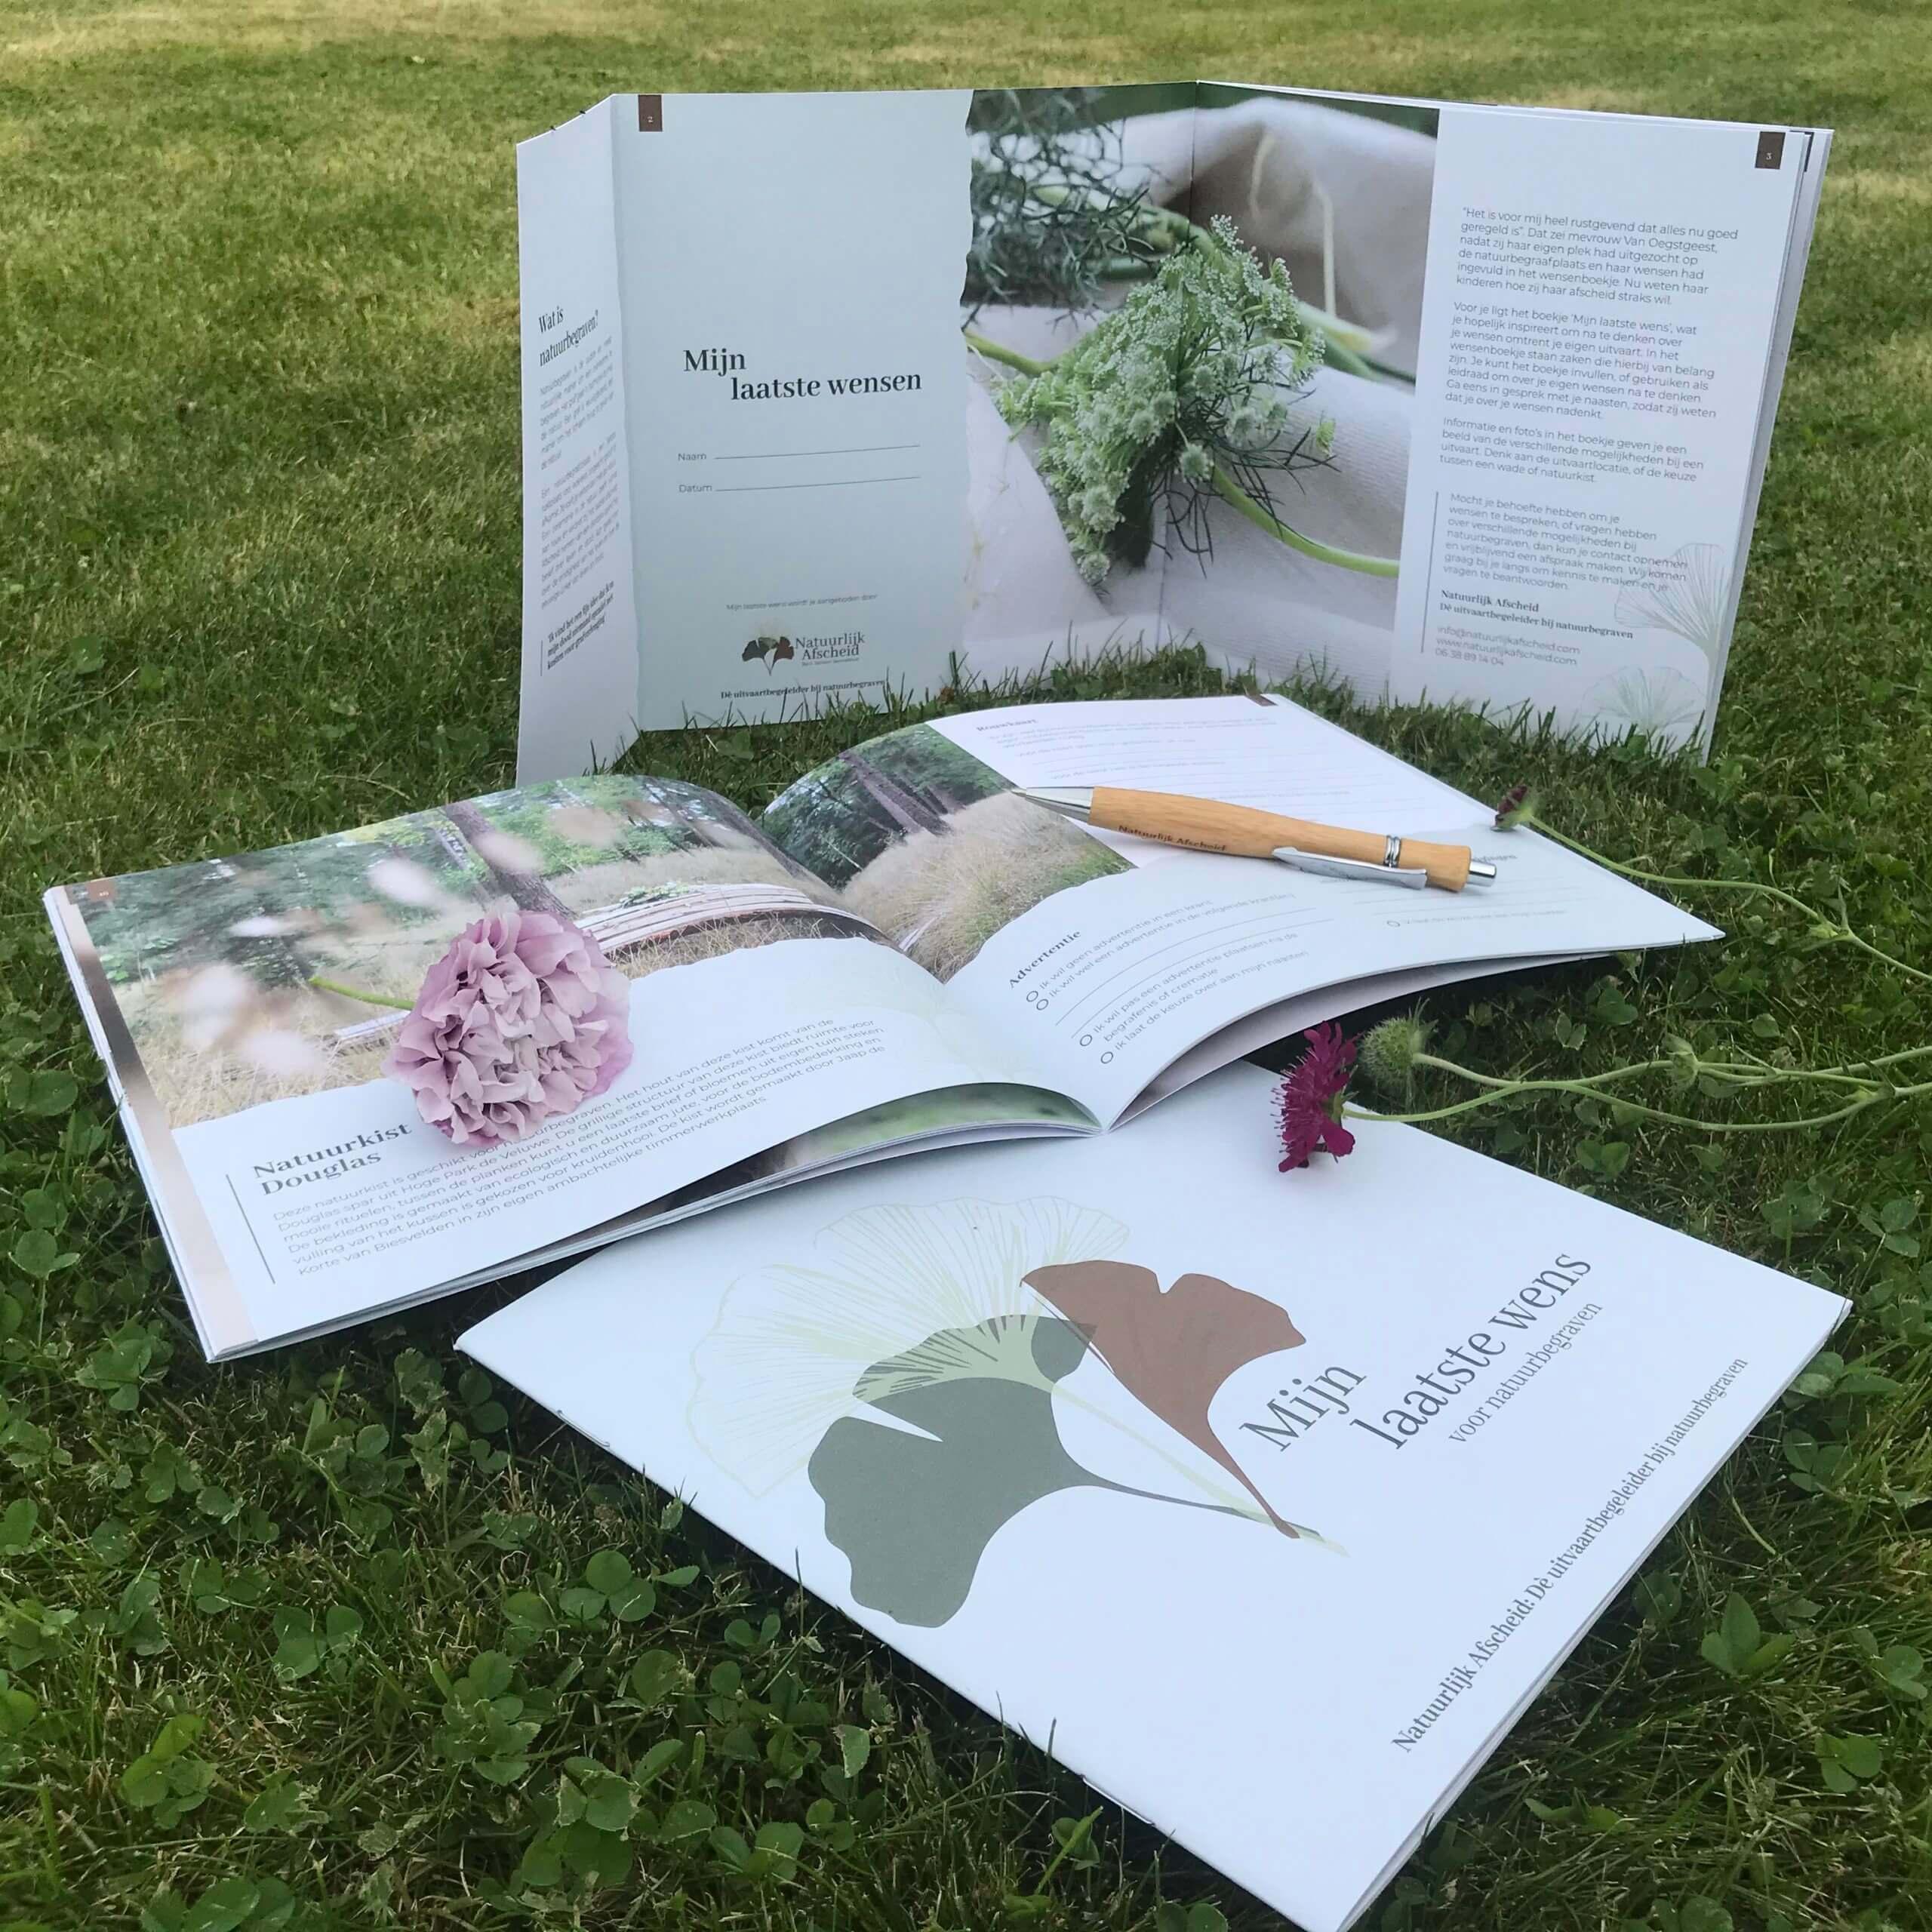 Natuurlijk Afscheid Uitvaartbegeleider natuurbegraven laatste wensenboekje